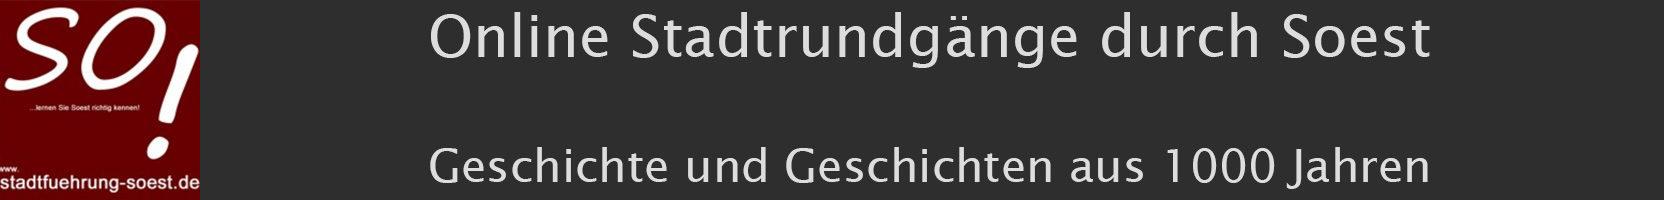 stadtfuehrung-soest.de